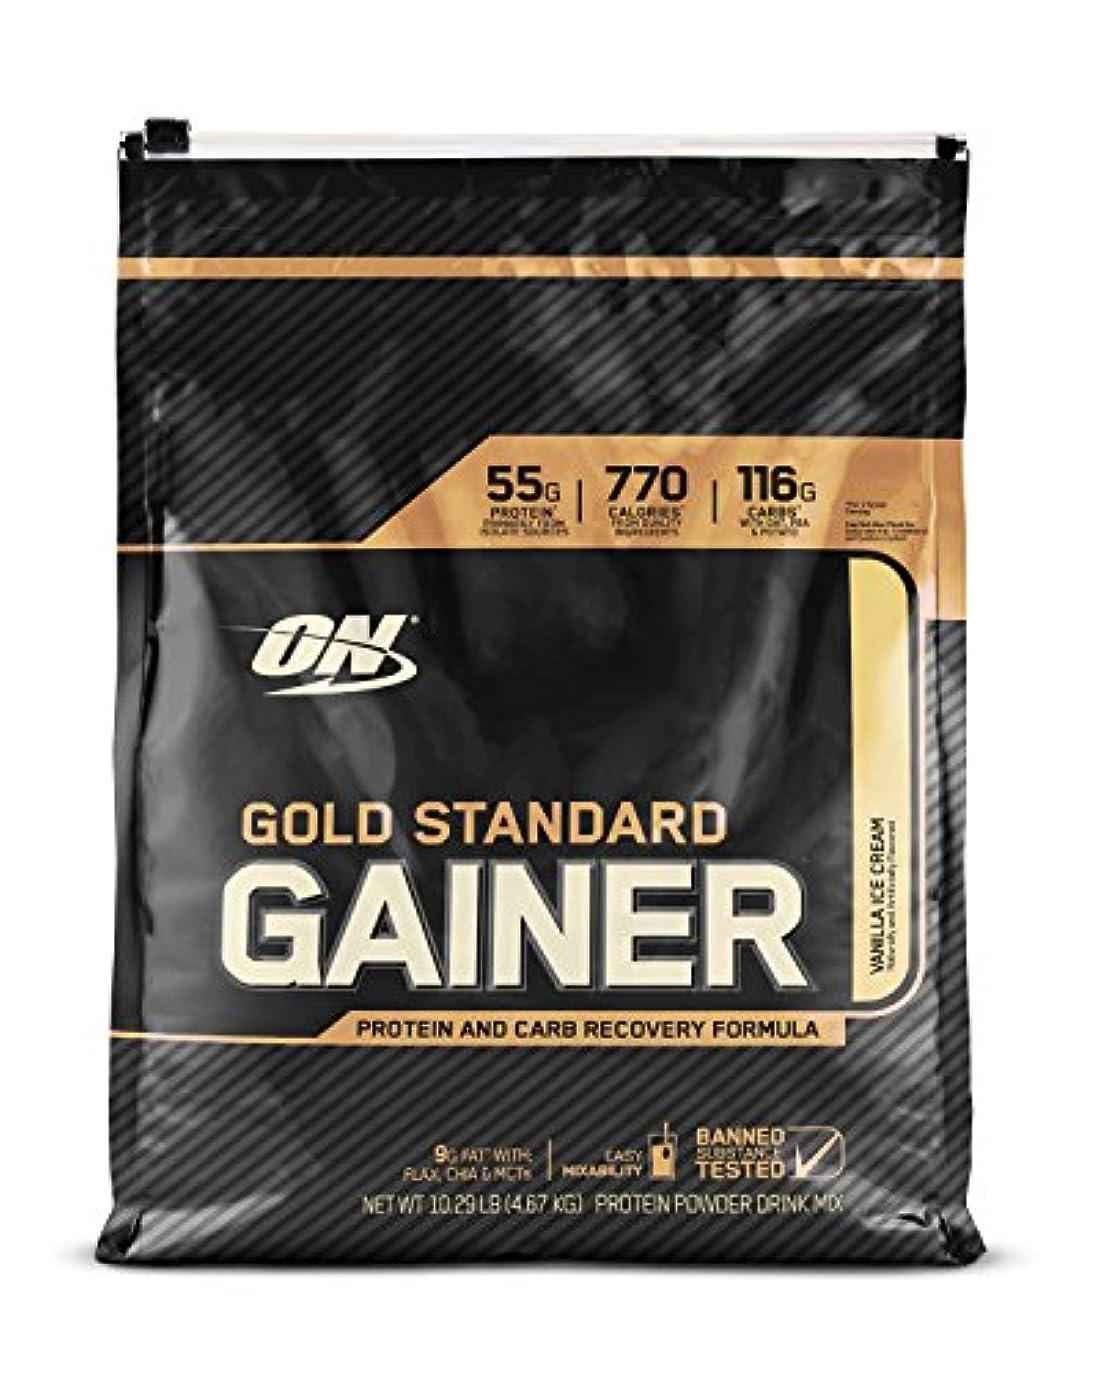 感性長方形パキスタン人ゴールドスタンダード ゲイナー 10LB バニラアイスクリーム (Gold Standard Gainer 10LB Vanilla Ice Cream) [海外直送品]